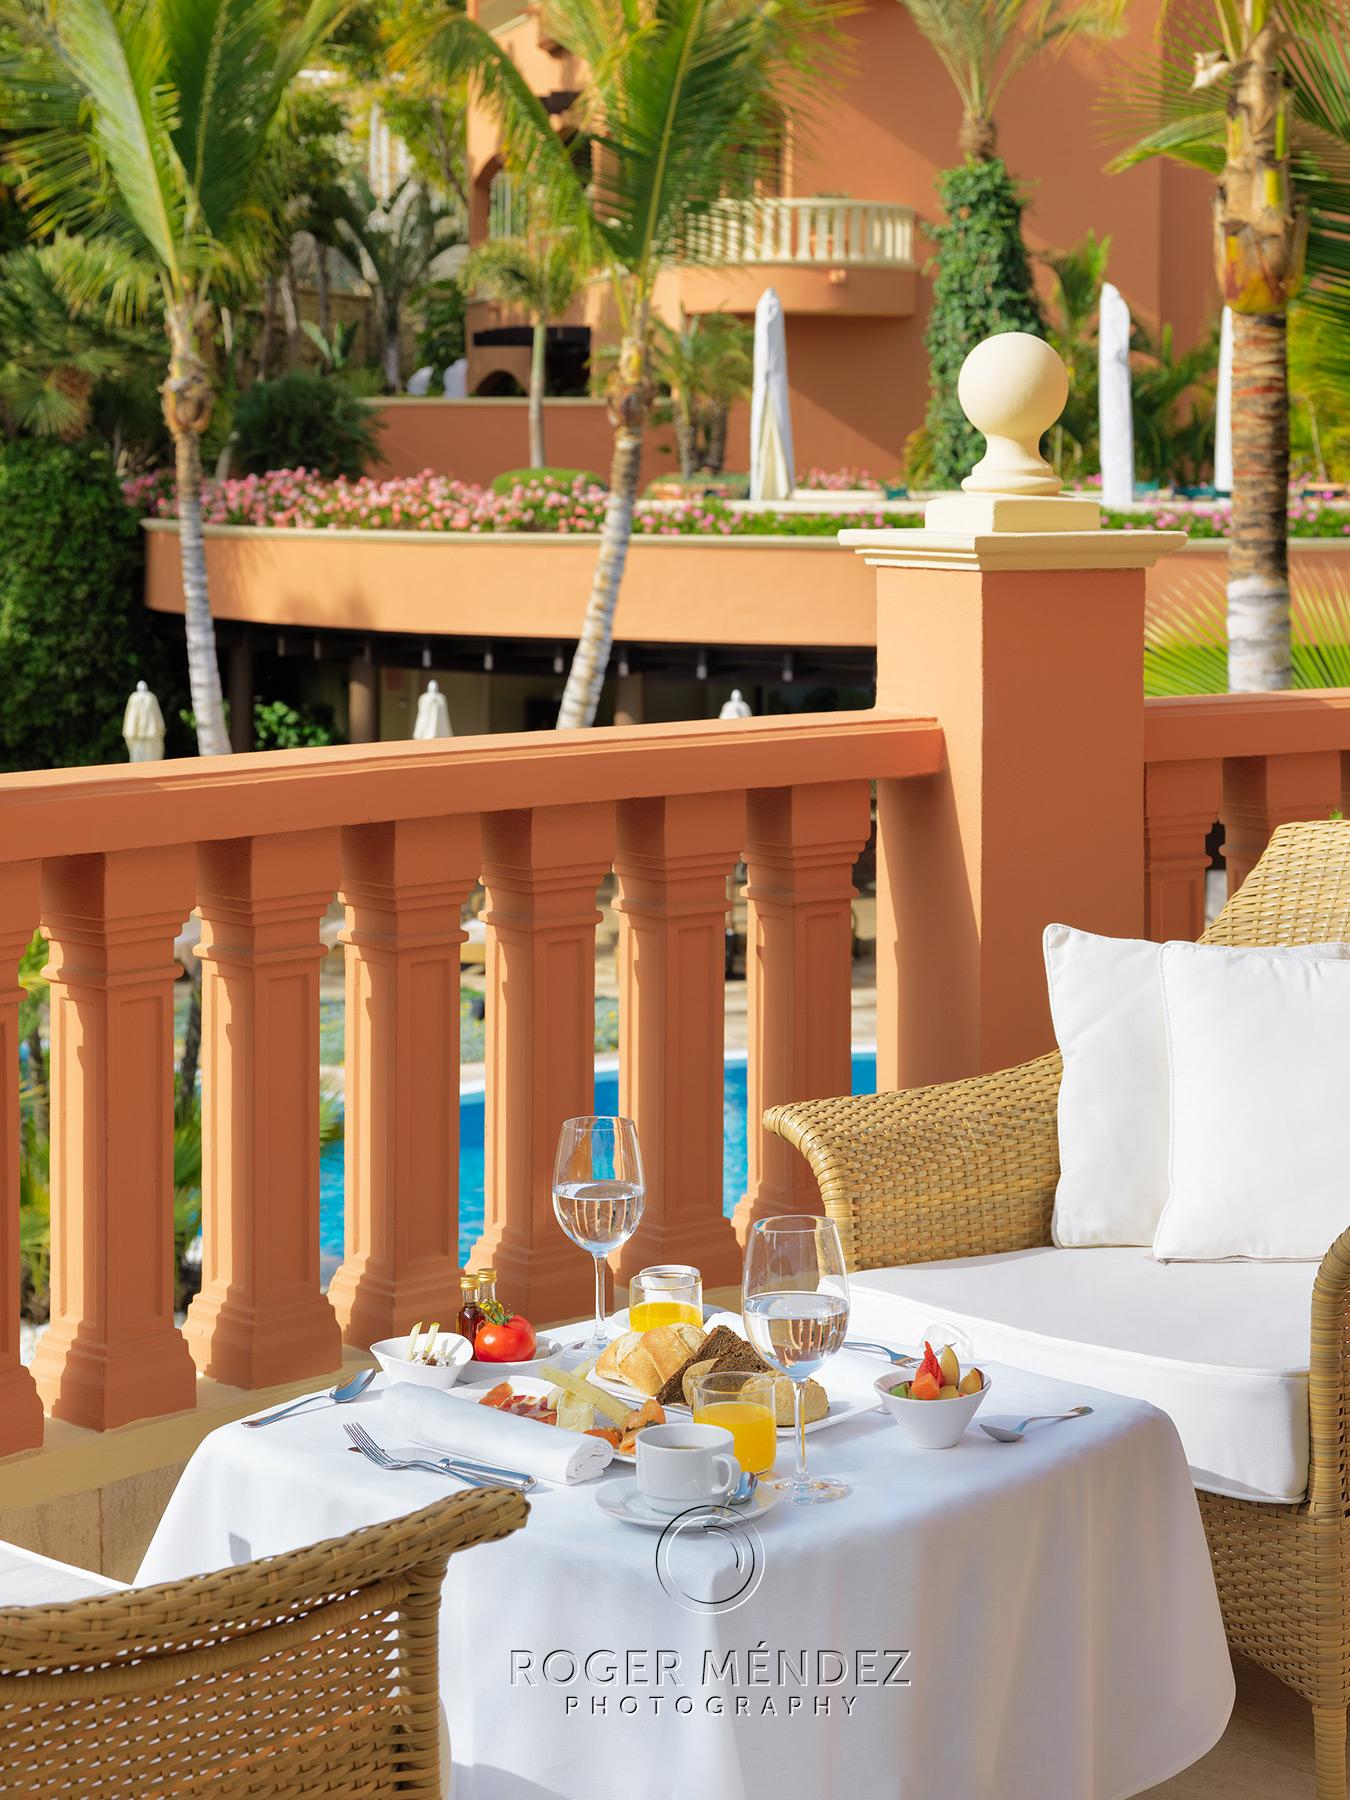 Montaje desayuno en terraza Hotel Las Madrigueras